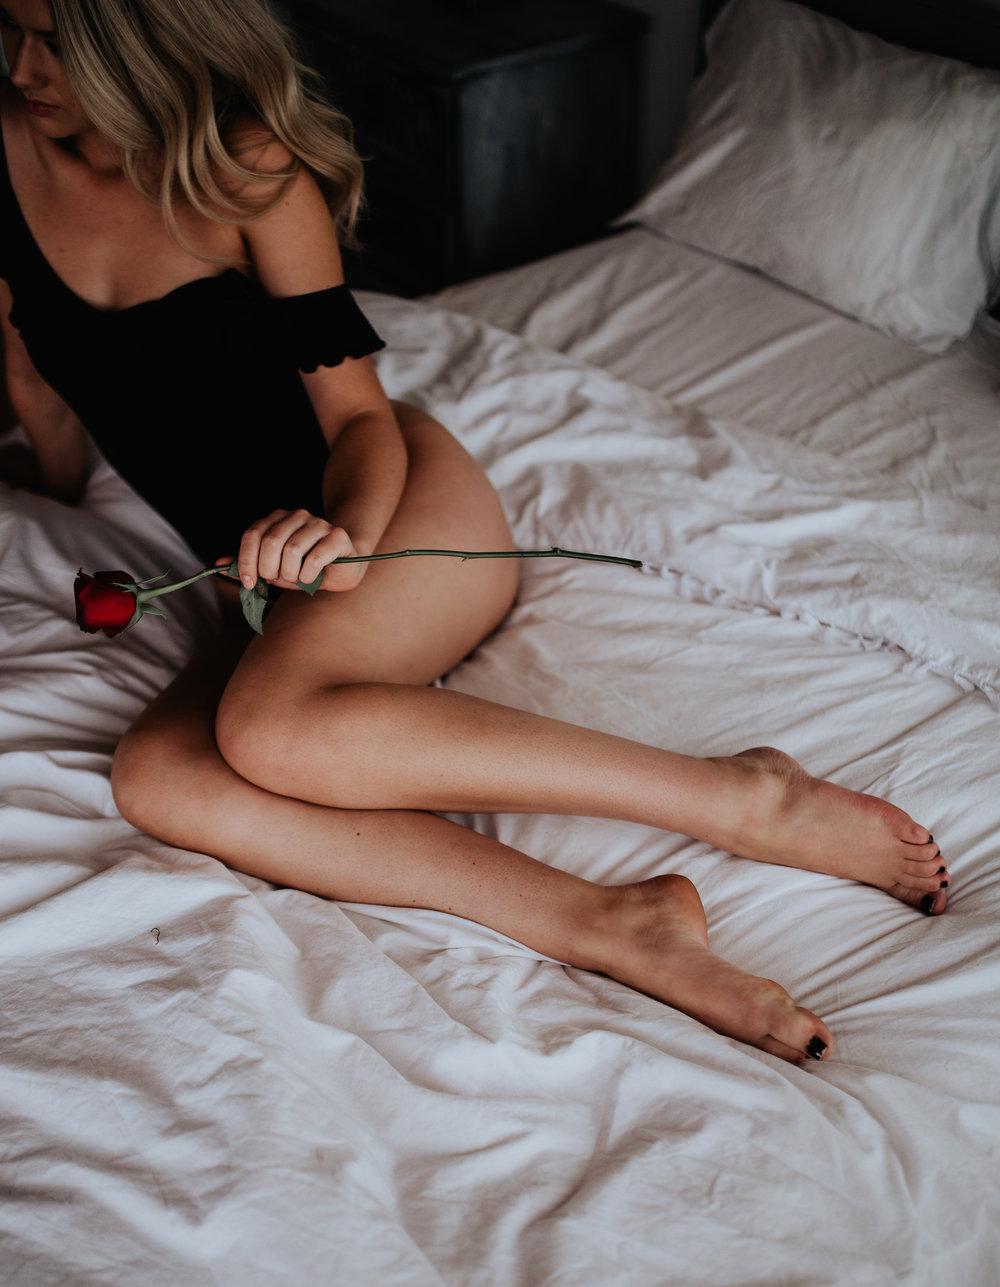 Emily-PaulineHoldenPhotography-6038.jpg